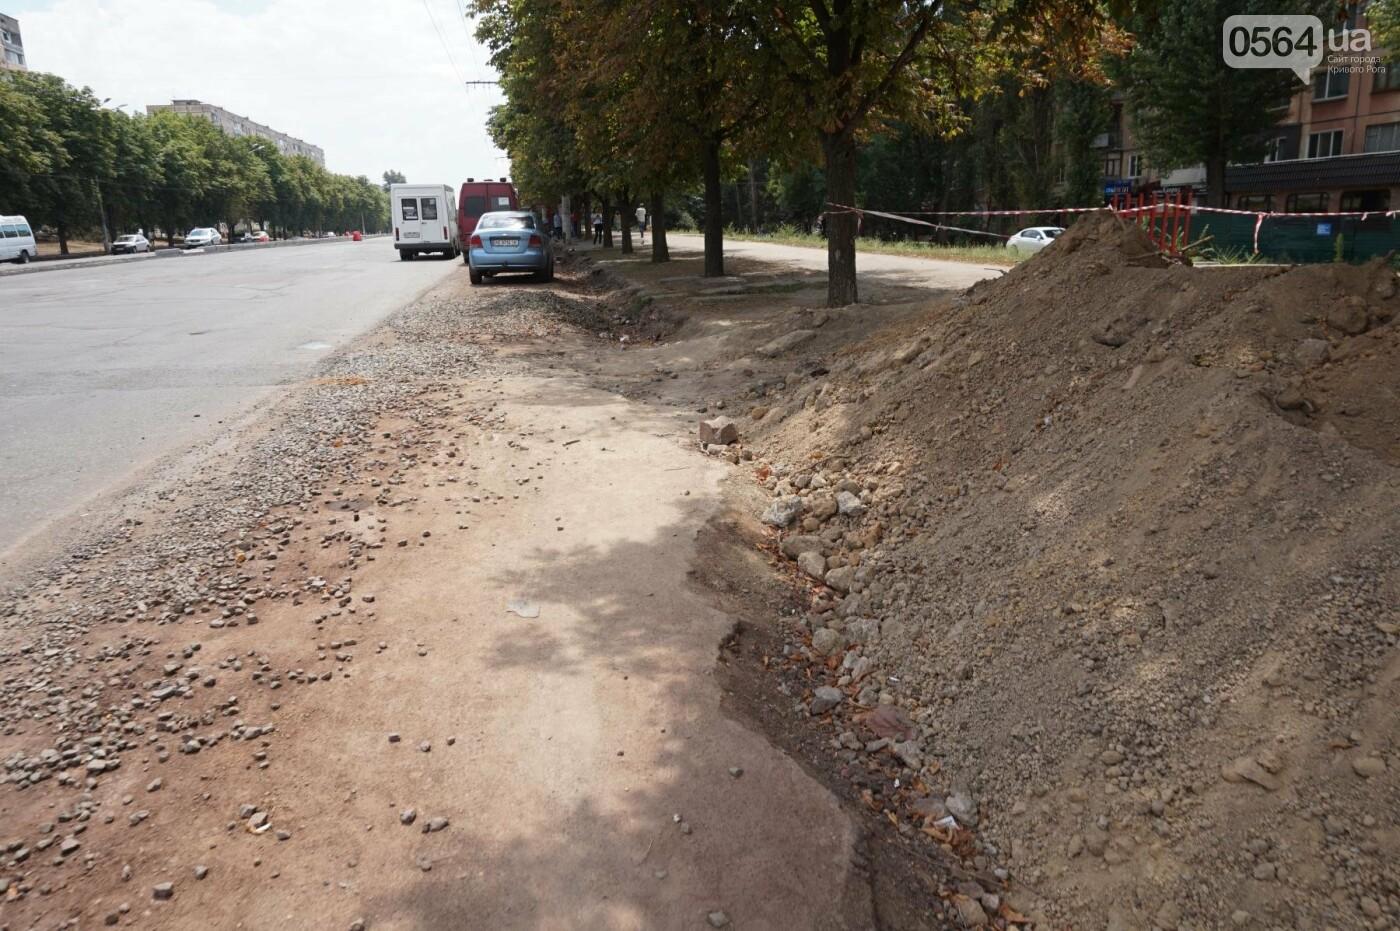 С сегодняшнего дня на центральном проспекте Кривого Рога отменены 3 остановки и запрещена парковка, - ФОТО, фото-30